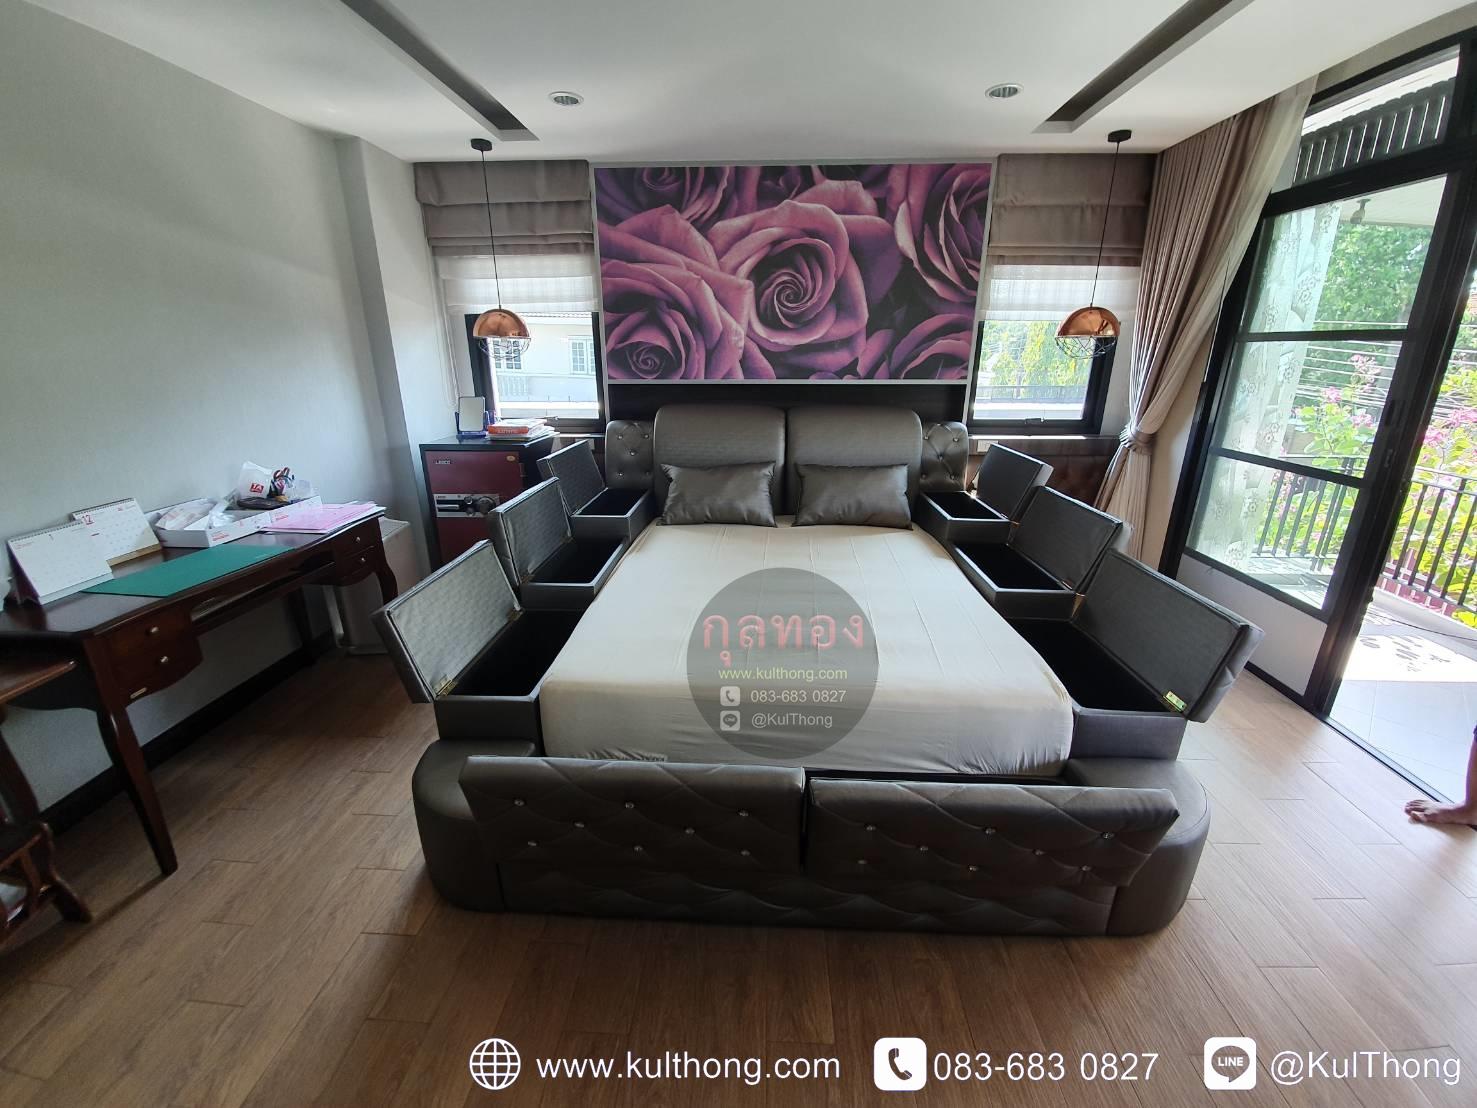 เตียงกล่องเก็บของ เตียงมีฝาเปิด เตียงมีกล่อง เตียงครอบครัว